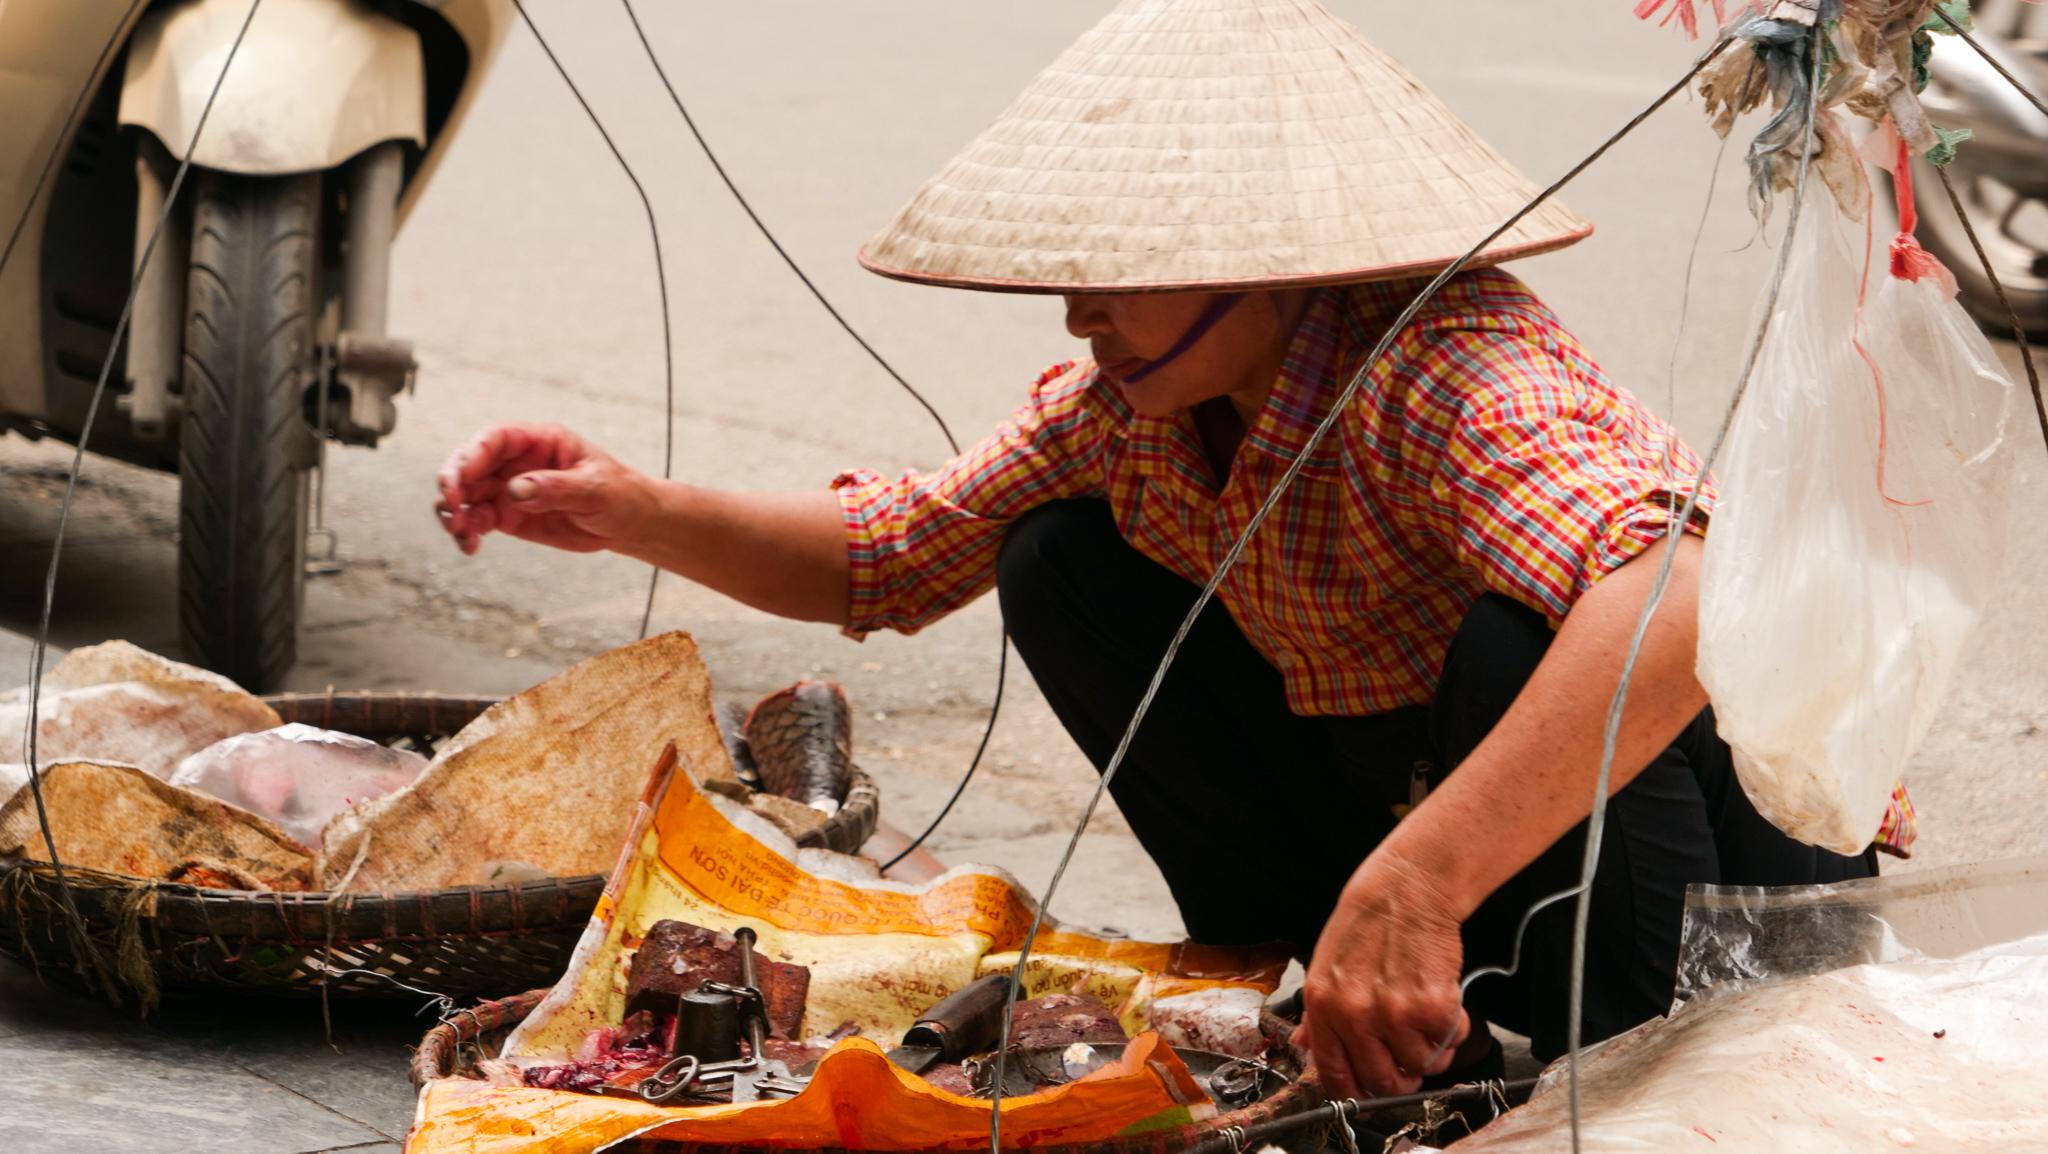 Venta de pescados en la calle, en Hanói